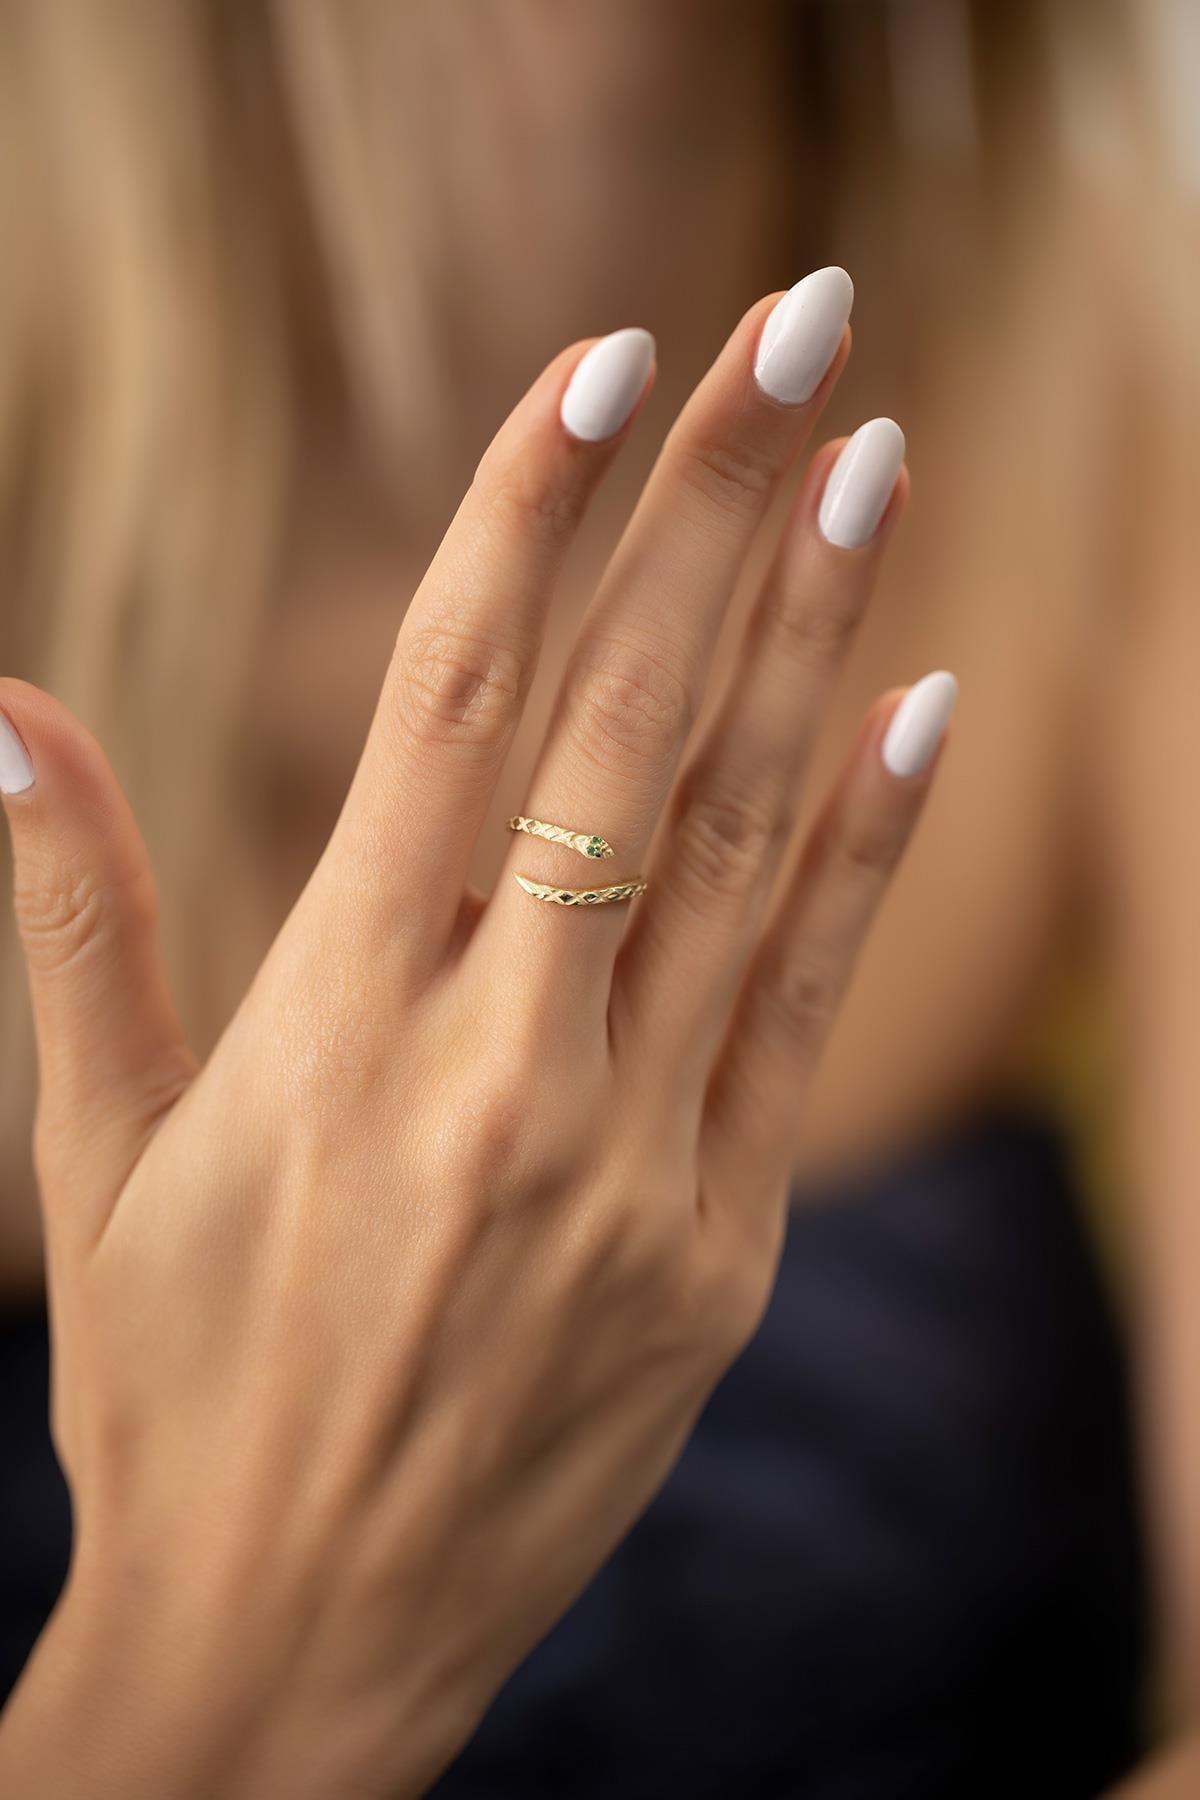 İzla Design Kadın Yılan Model Zümrüt Taşlı Altın Kaplama Gümüş İtalyan Yüzük 2